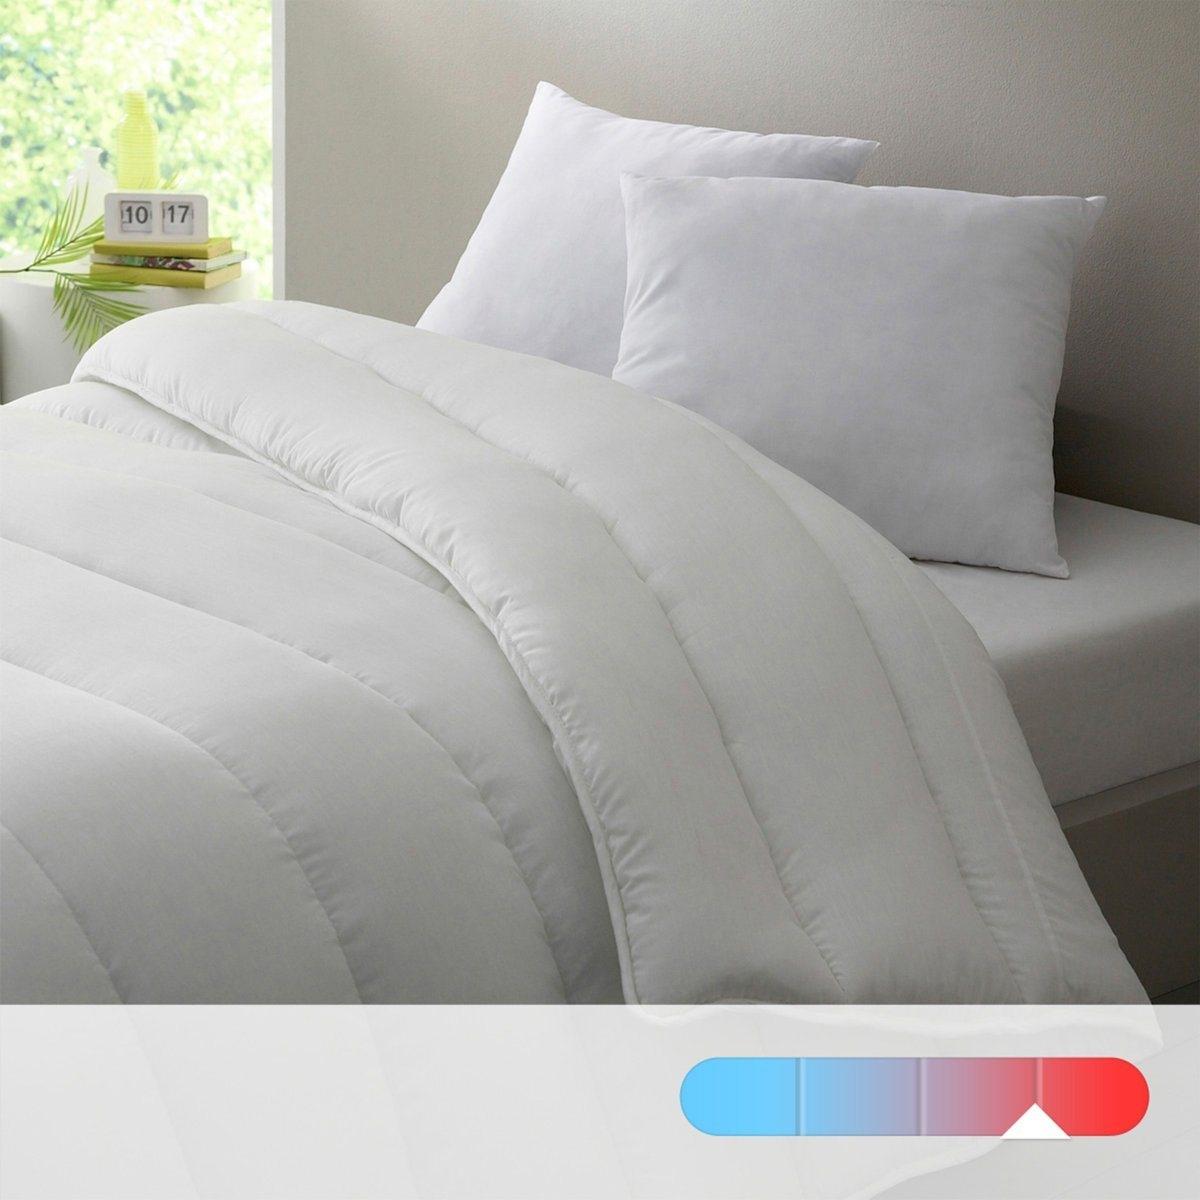 Одеяло La Redoute гм полиэстер обработка против клещей 240 x 220 см белый